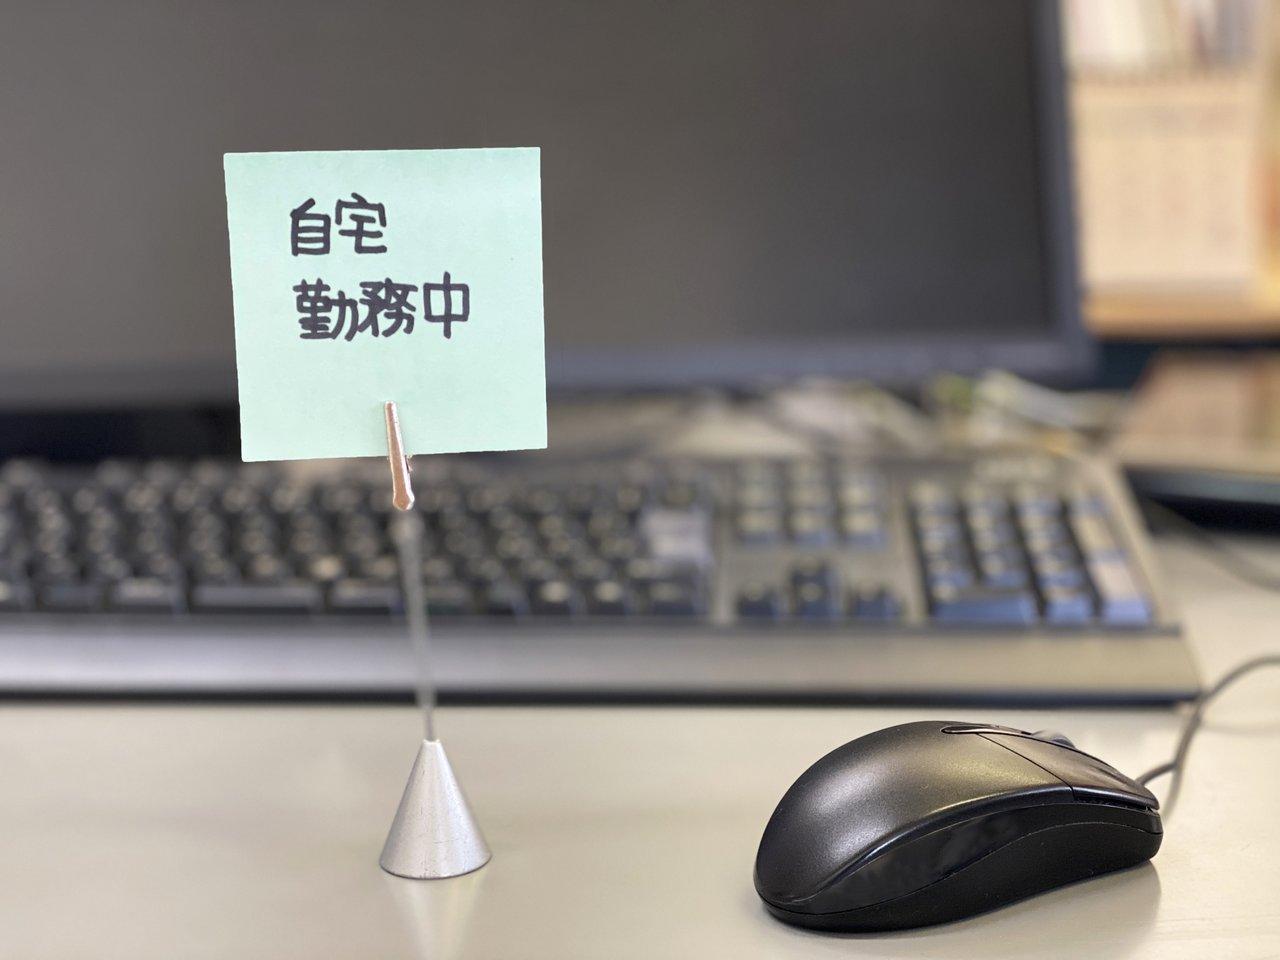 山下智久、中居正広とリモート共演 無茶振りにも「先輩は永遠に先輩」